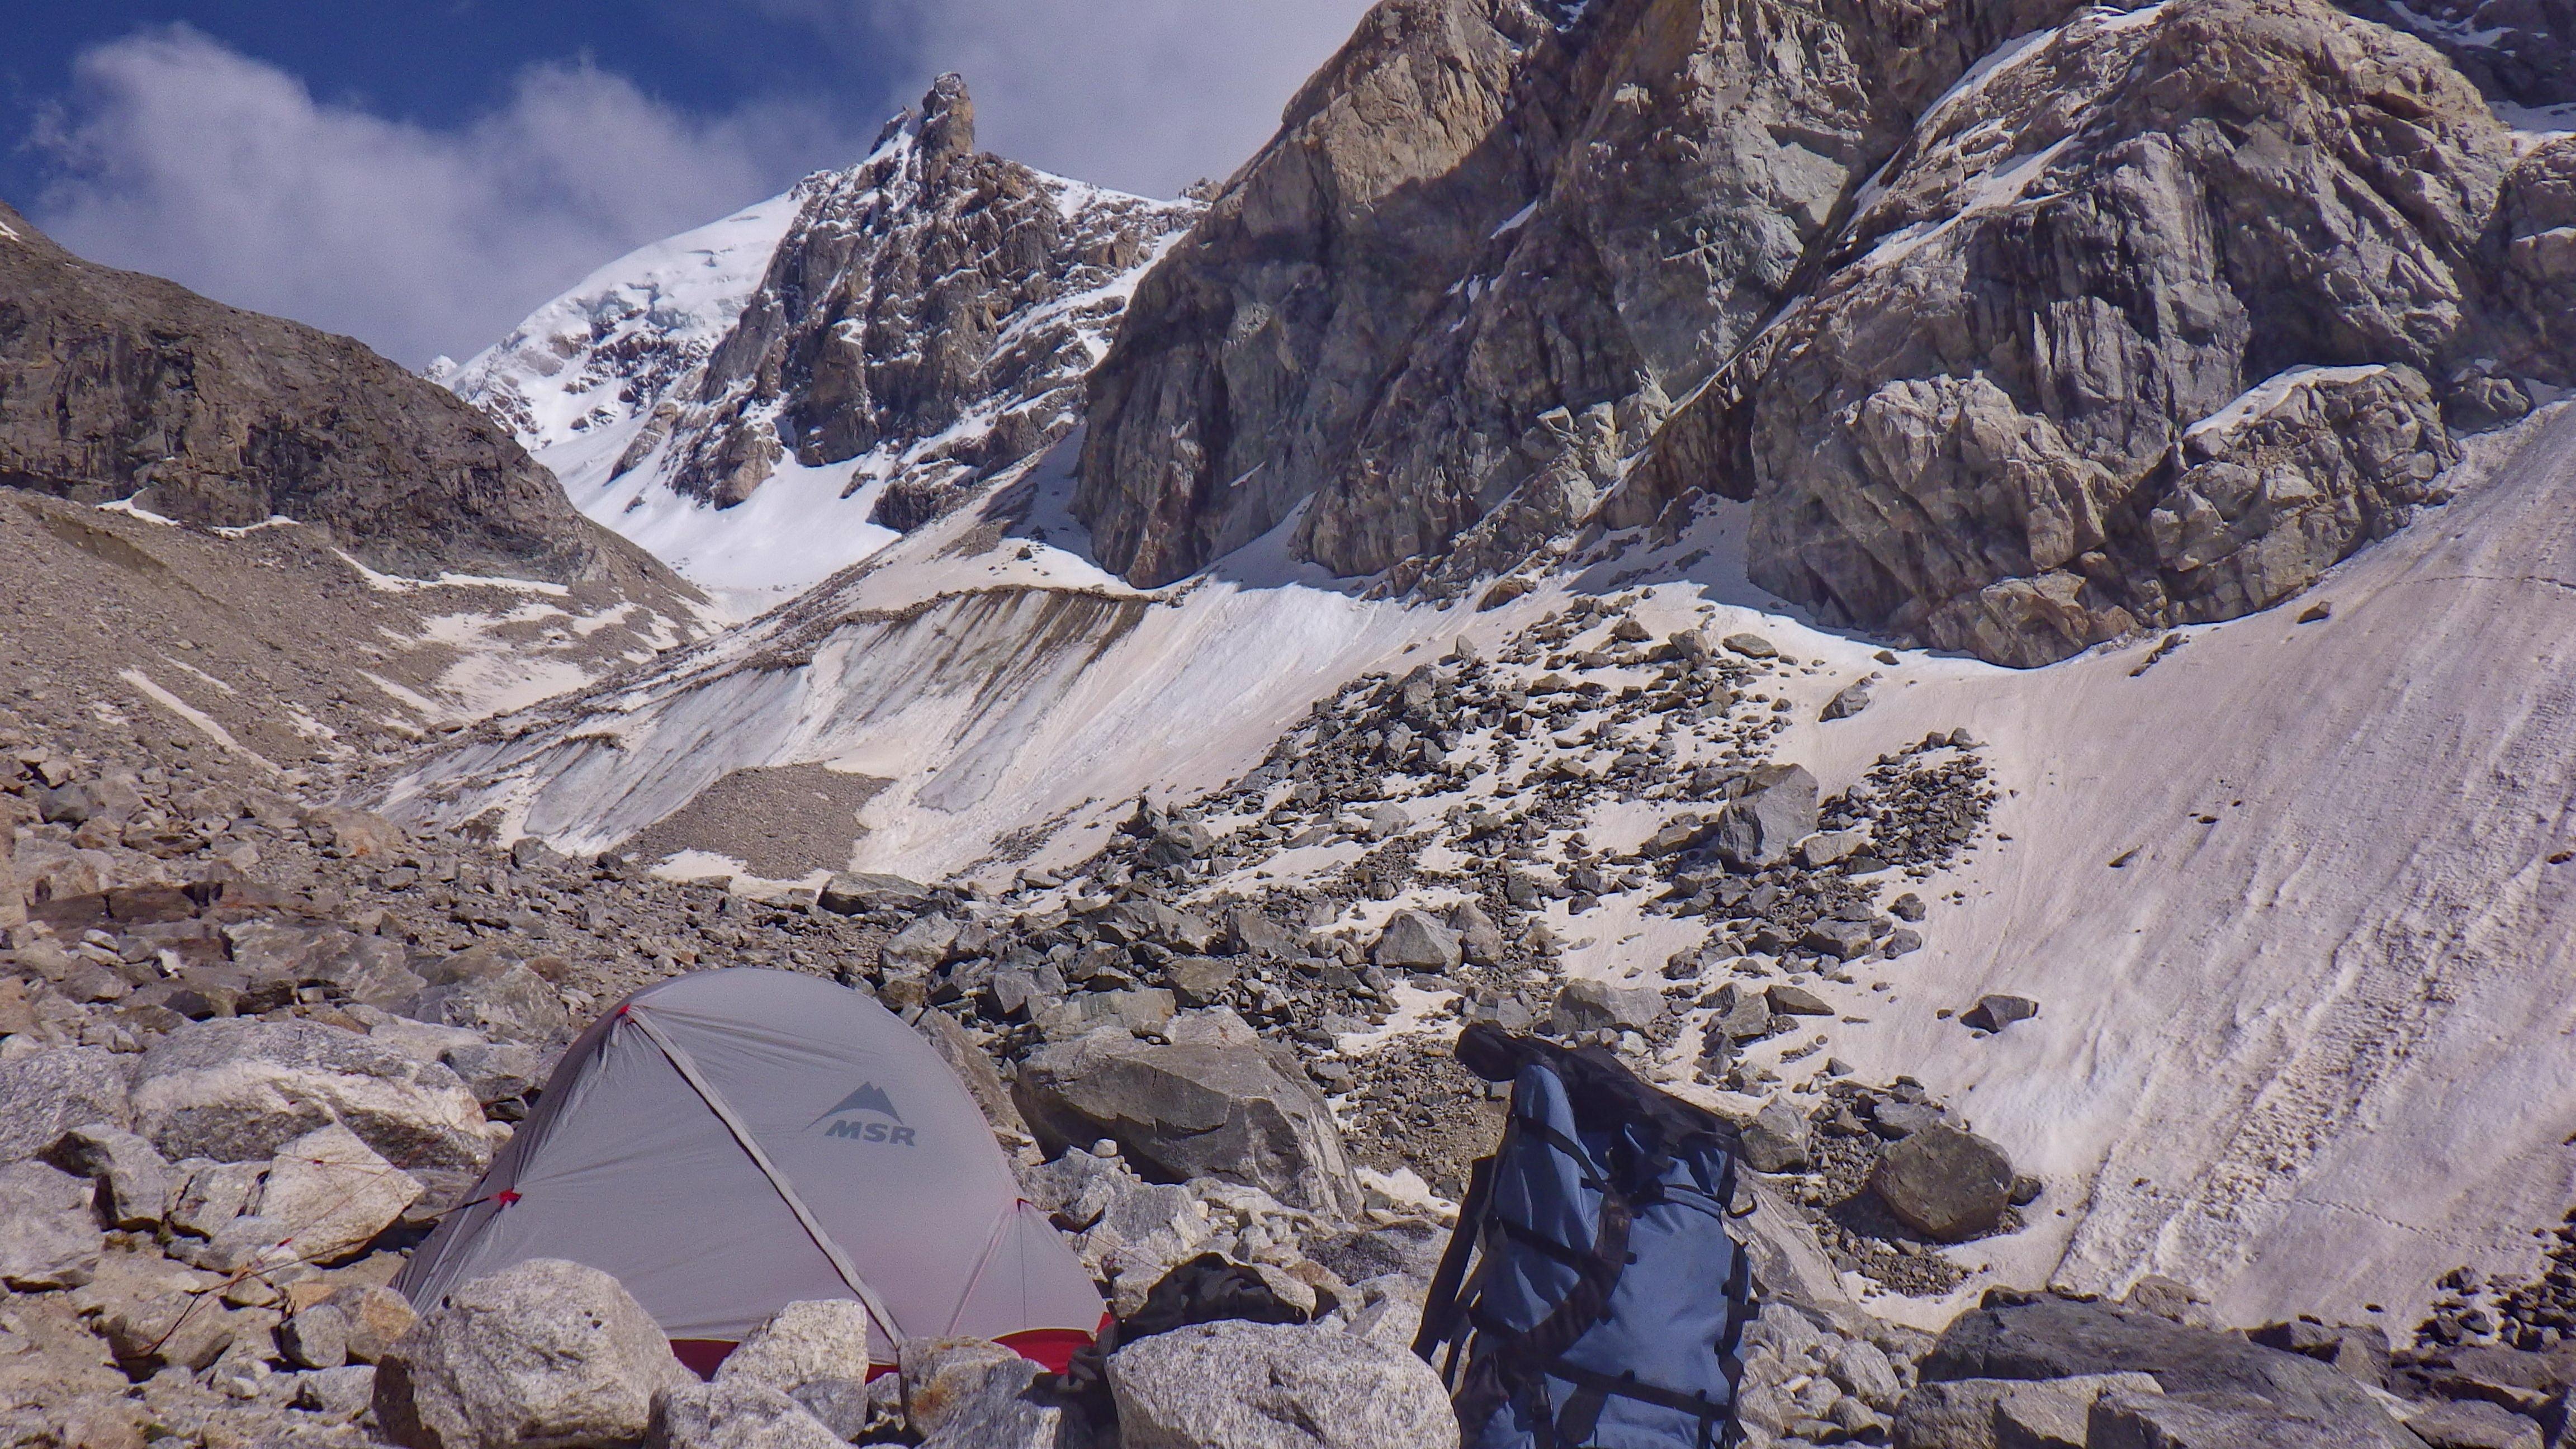 Рассказ о поездке в альпбазу Безенги, с 20 по 30 июня 2017 года